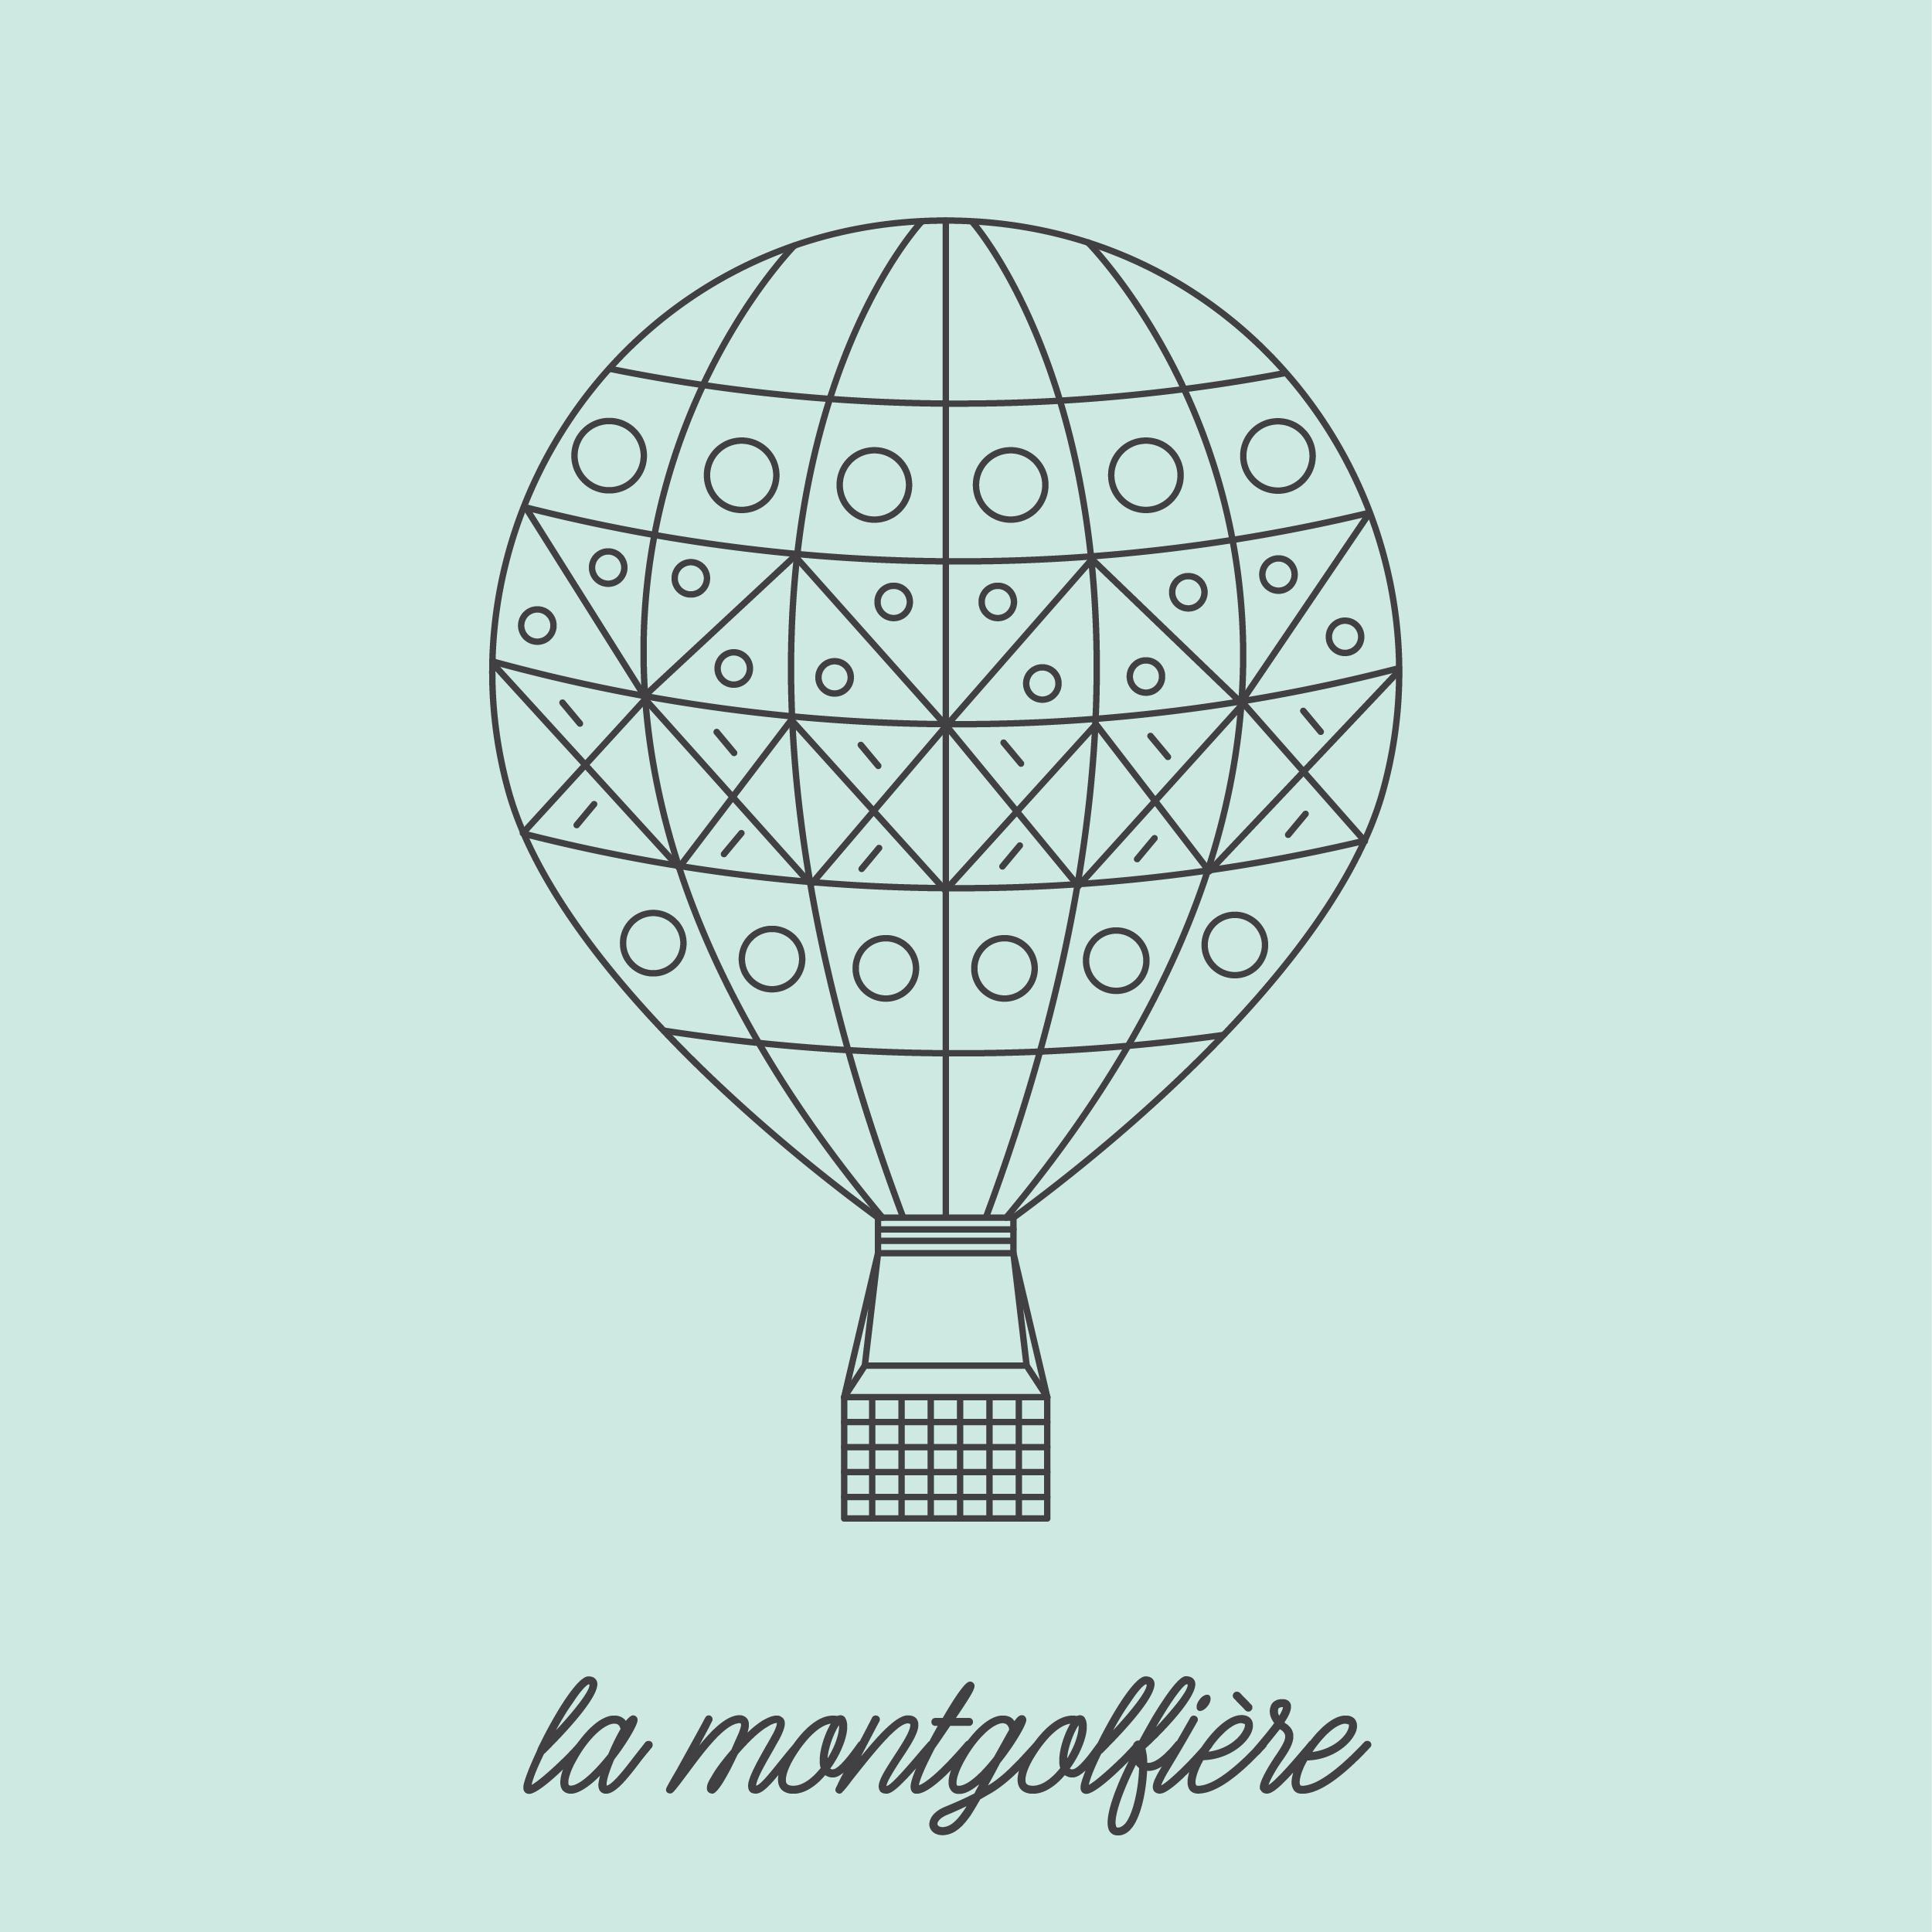 lamontagolfiere-10.jpg